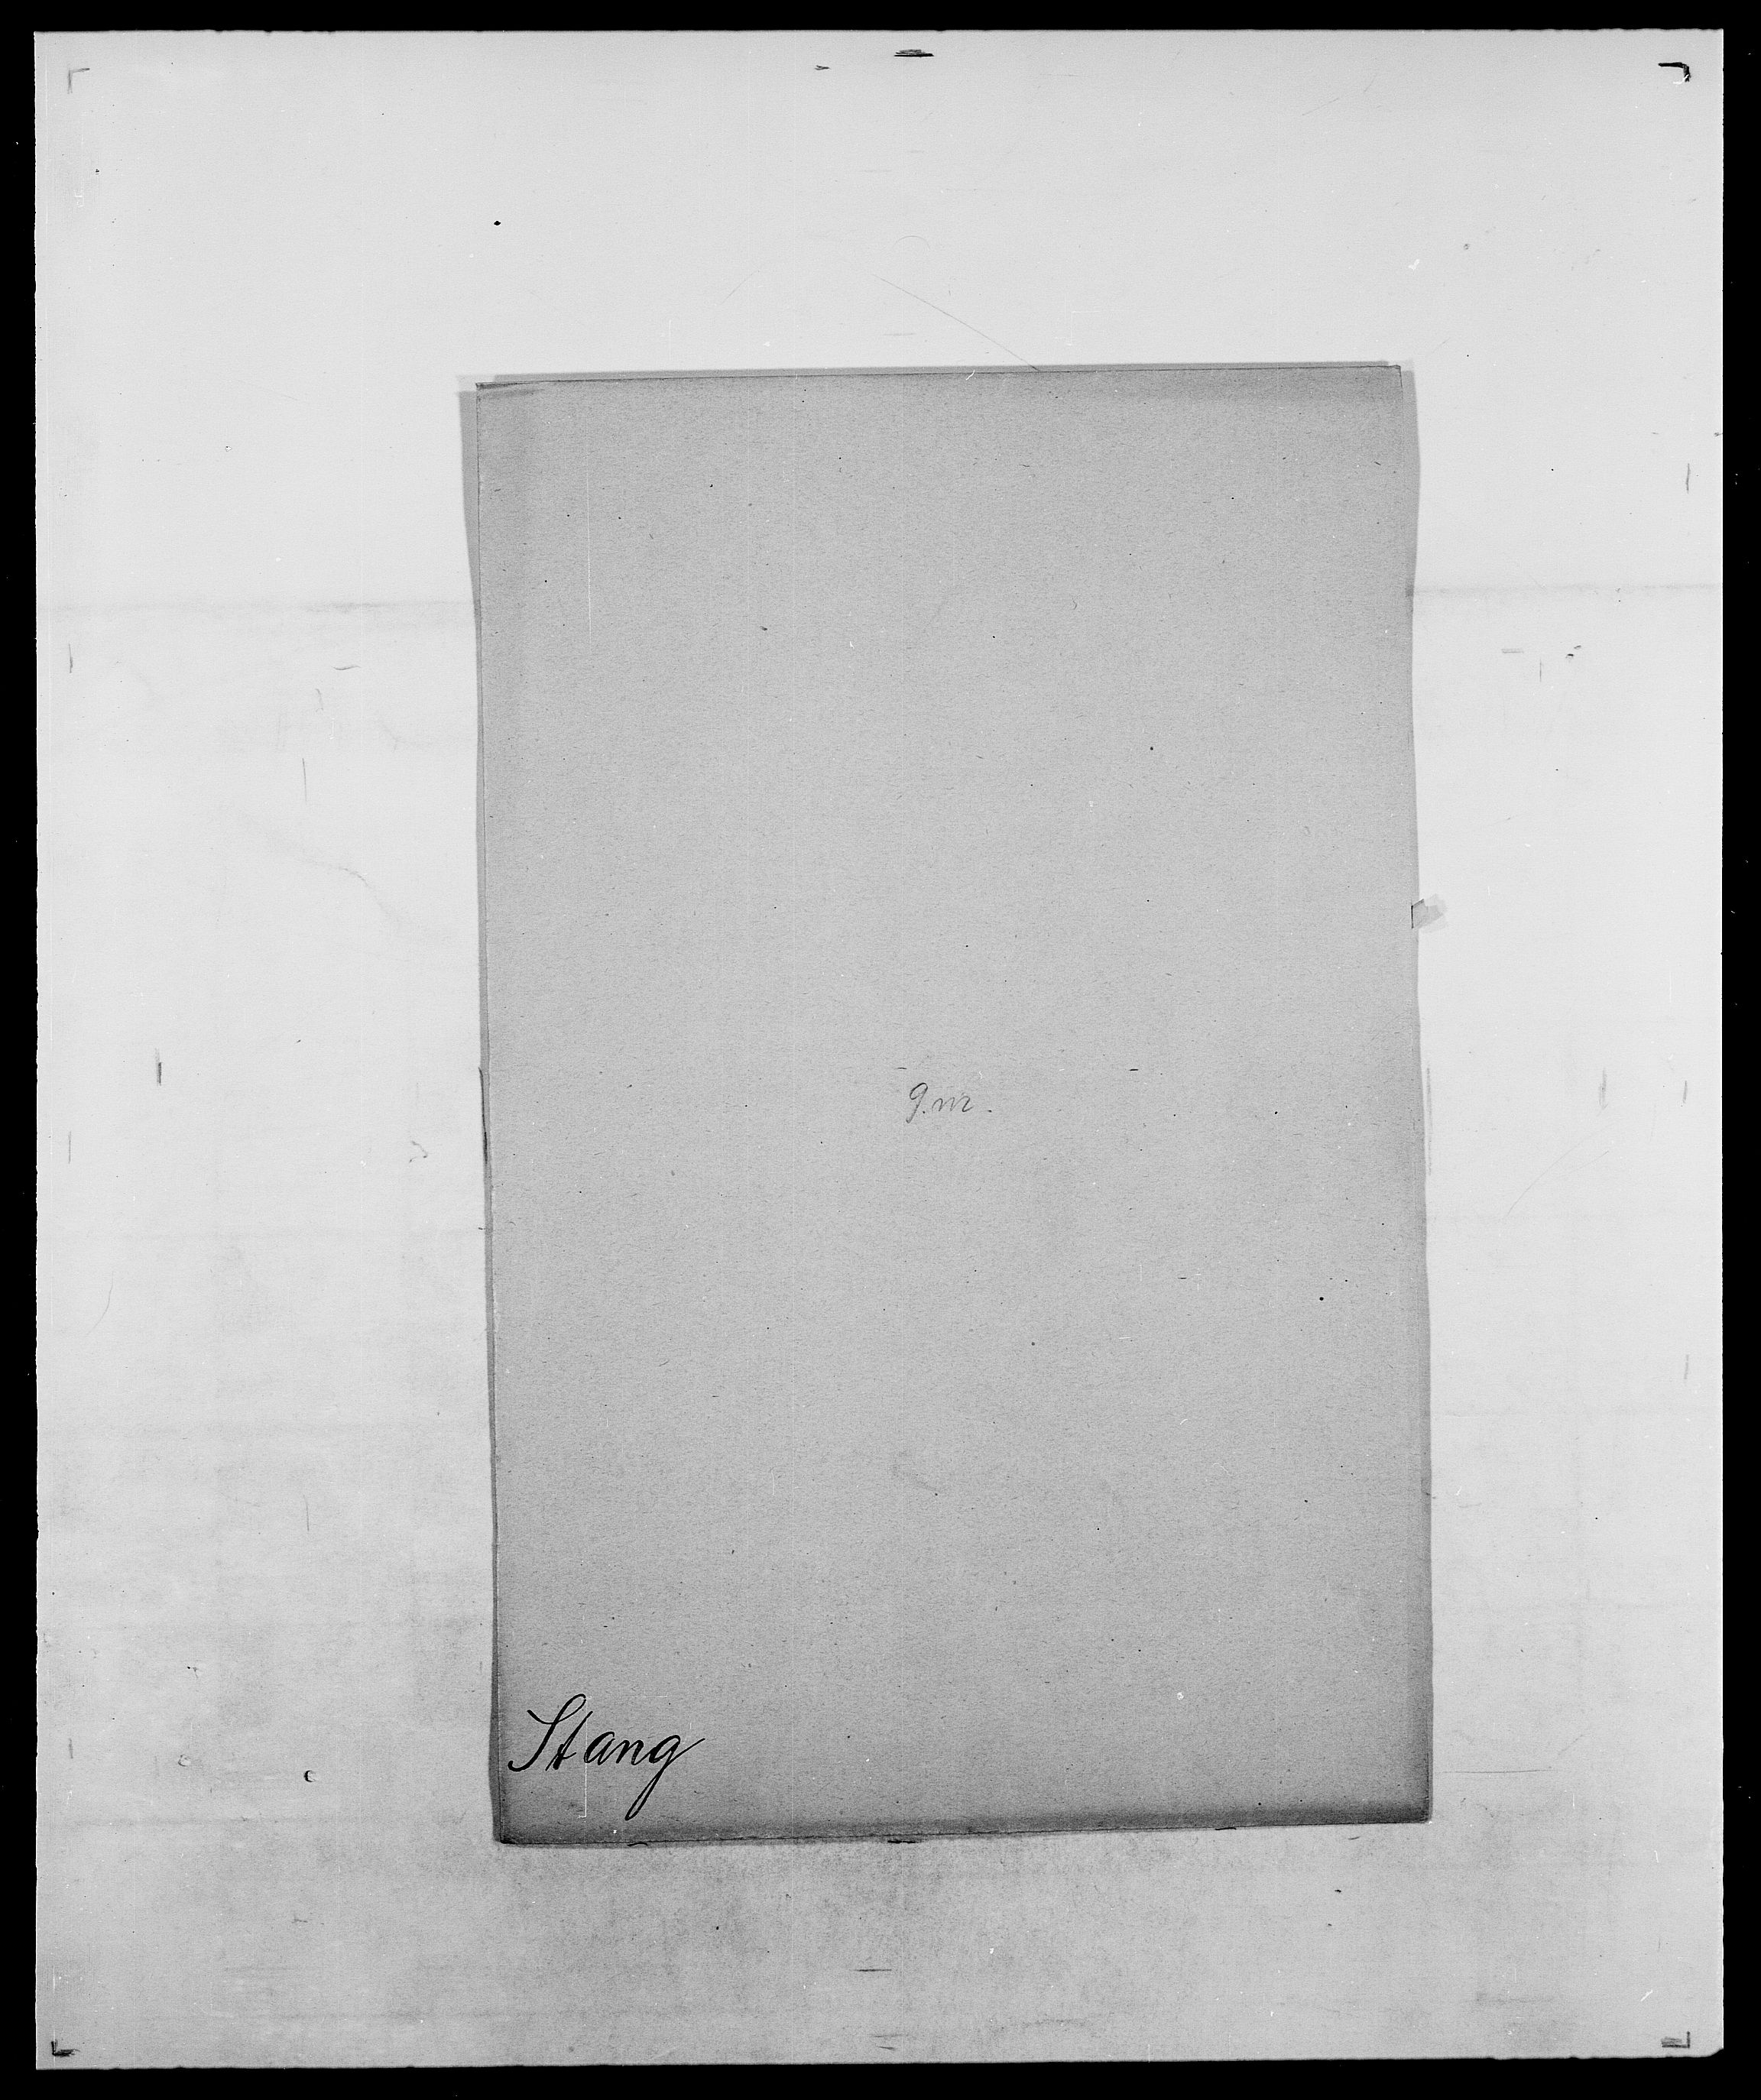 SAO, Delgobe, Charles Antoine - samling, D/Da/L0036: Skaanør - Staverskov, s. 967